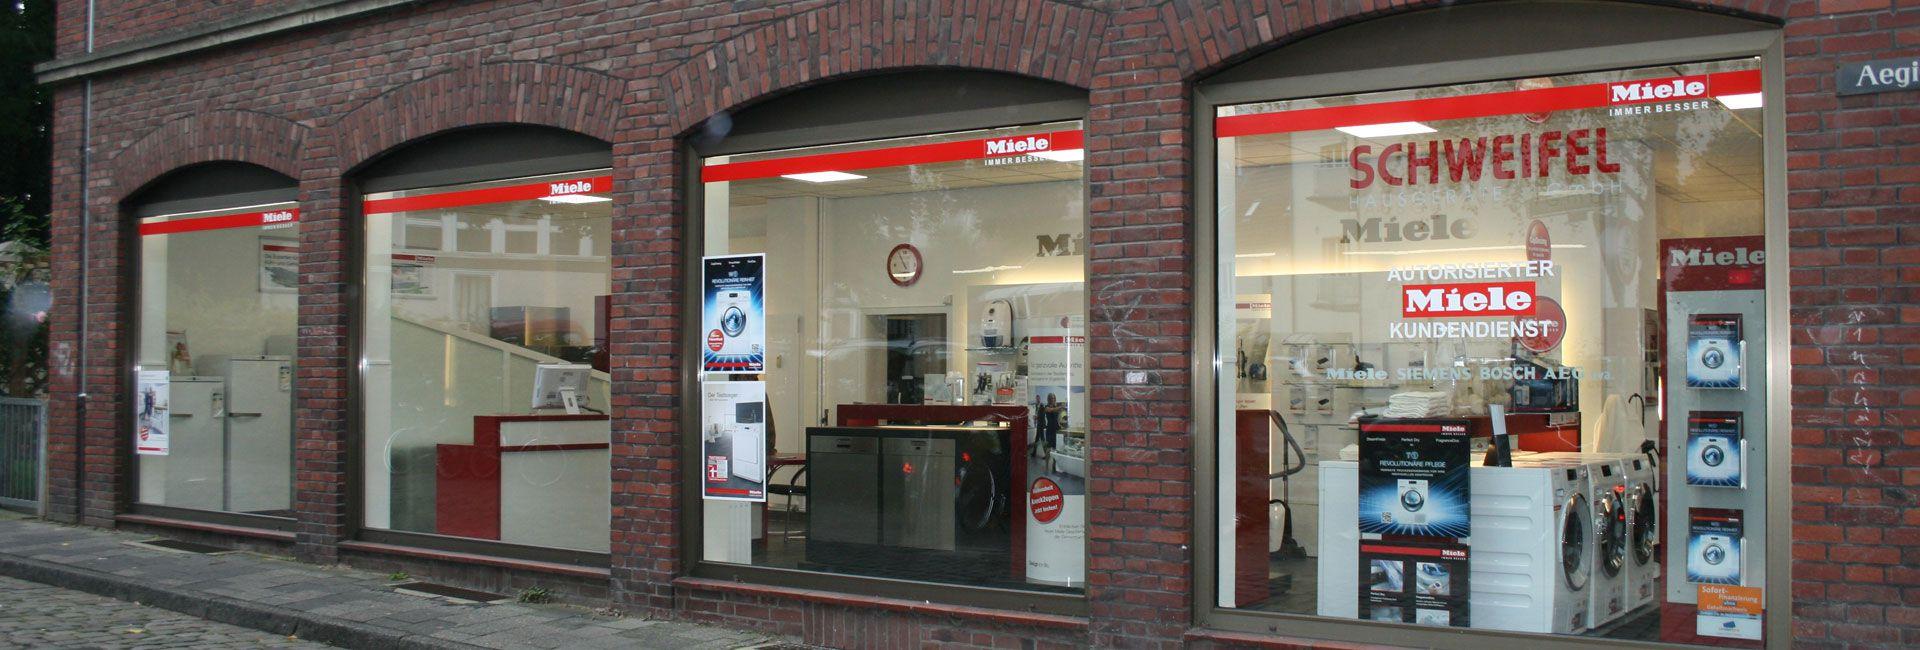 Elektrogerate Und Elektroinstallation Im Raum Greven Schweifel